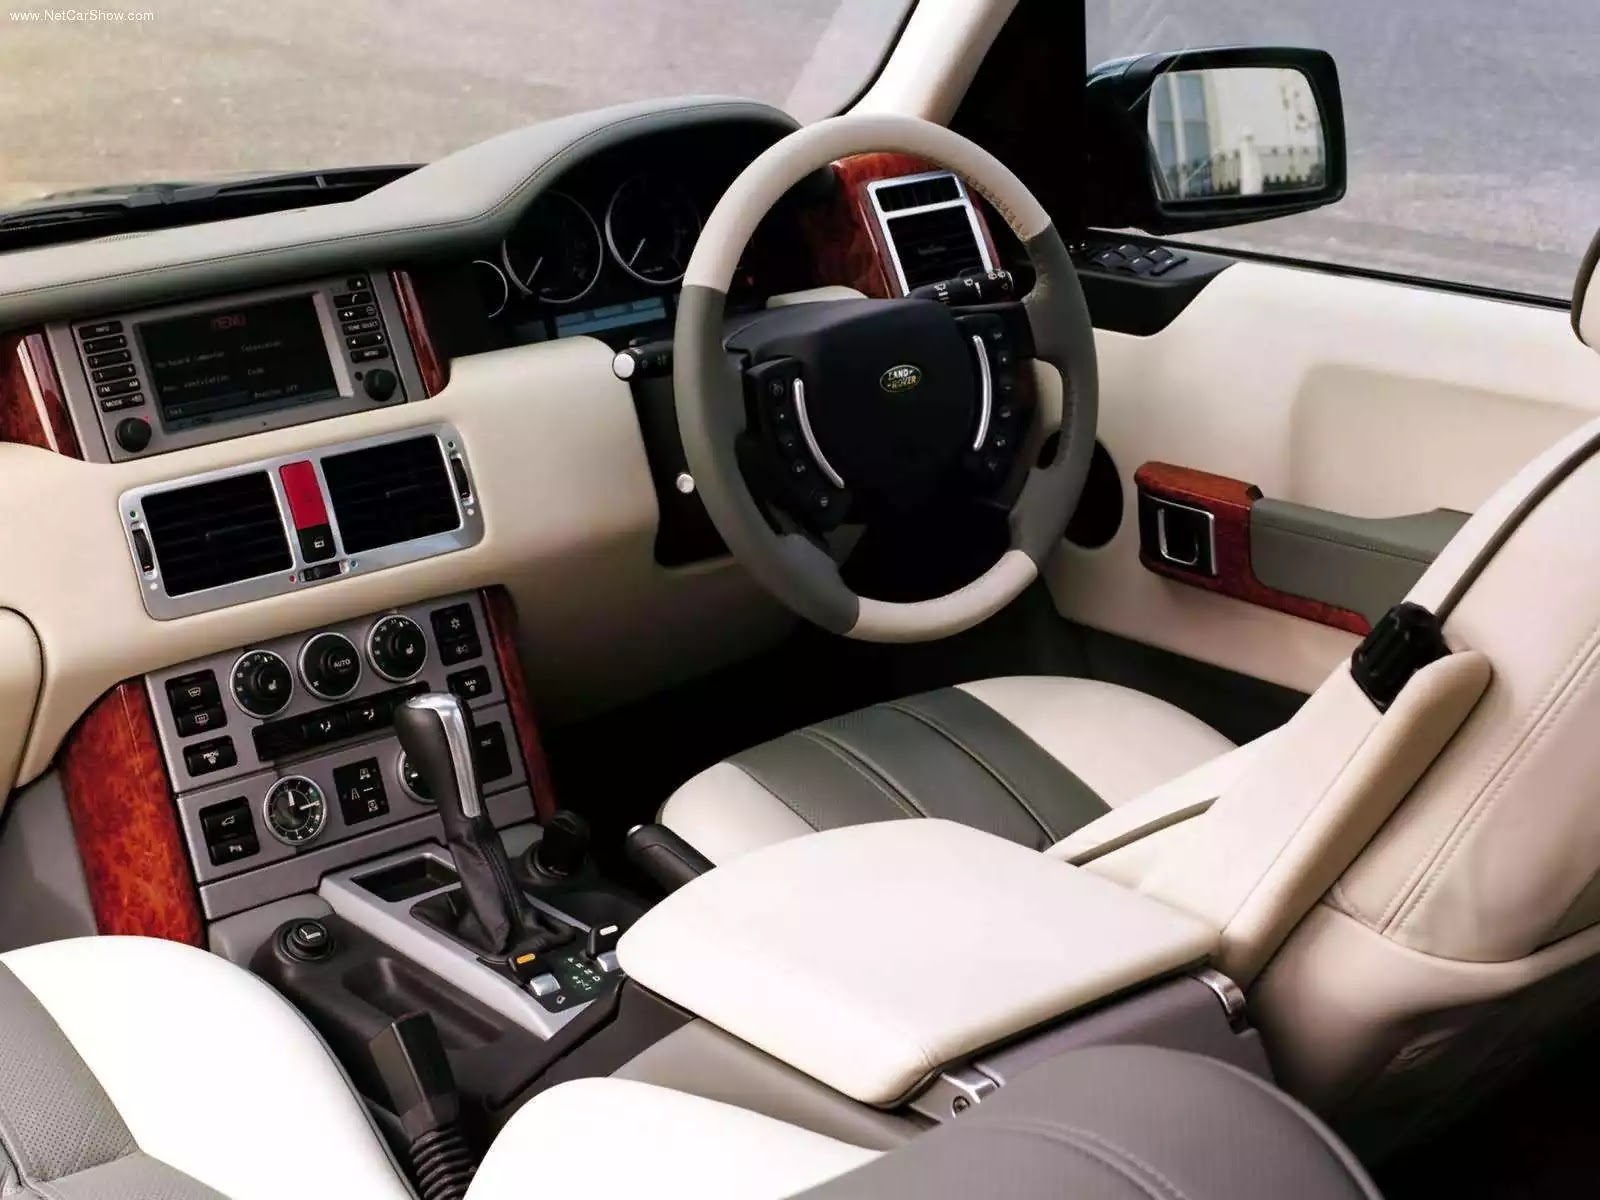 Hình ảnh xe ô tô Land Rover Range Rover Autobiography 2004 & nội ngoại thất